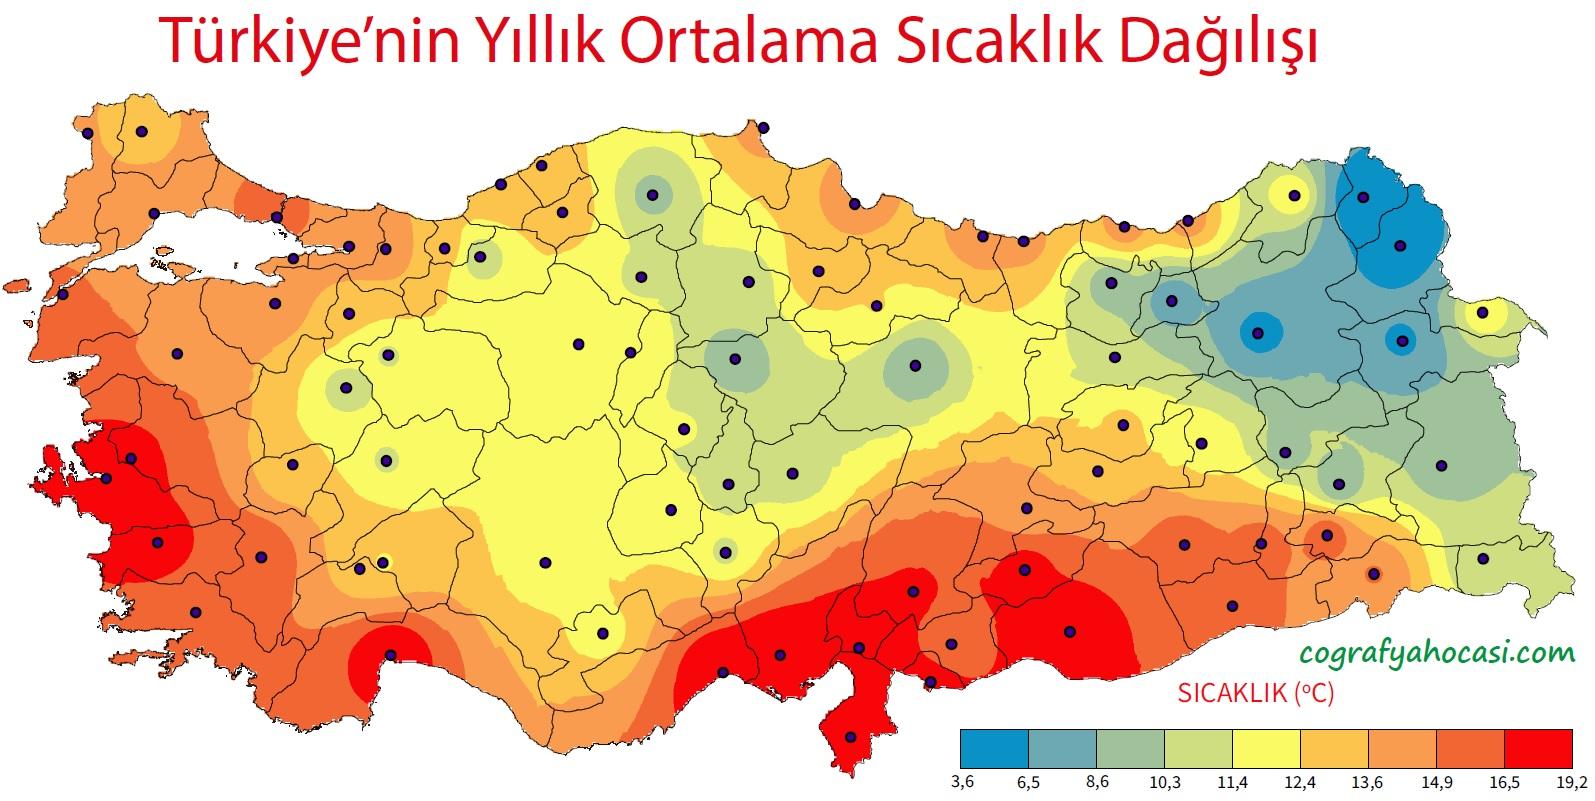 Türkiye'nin Yıllık Ortalama Sıcaklık Dağılış Haritası